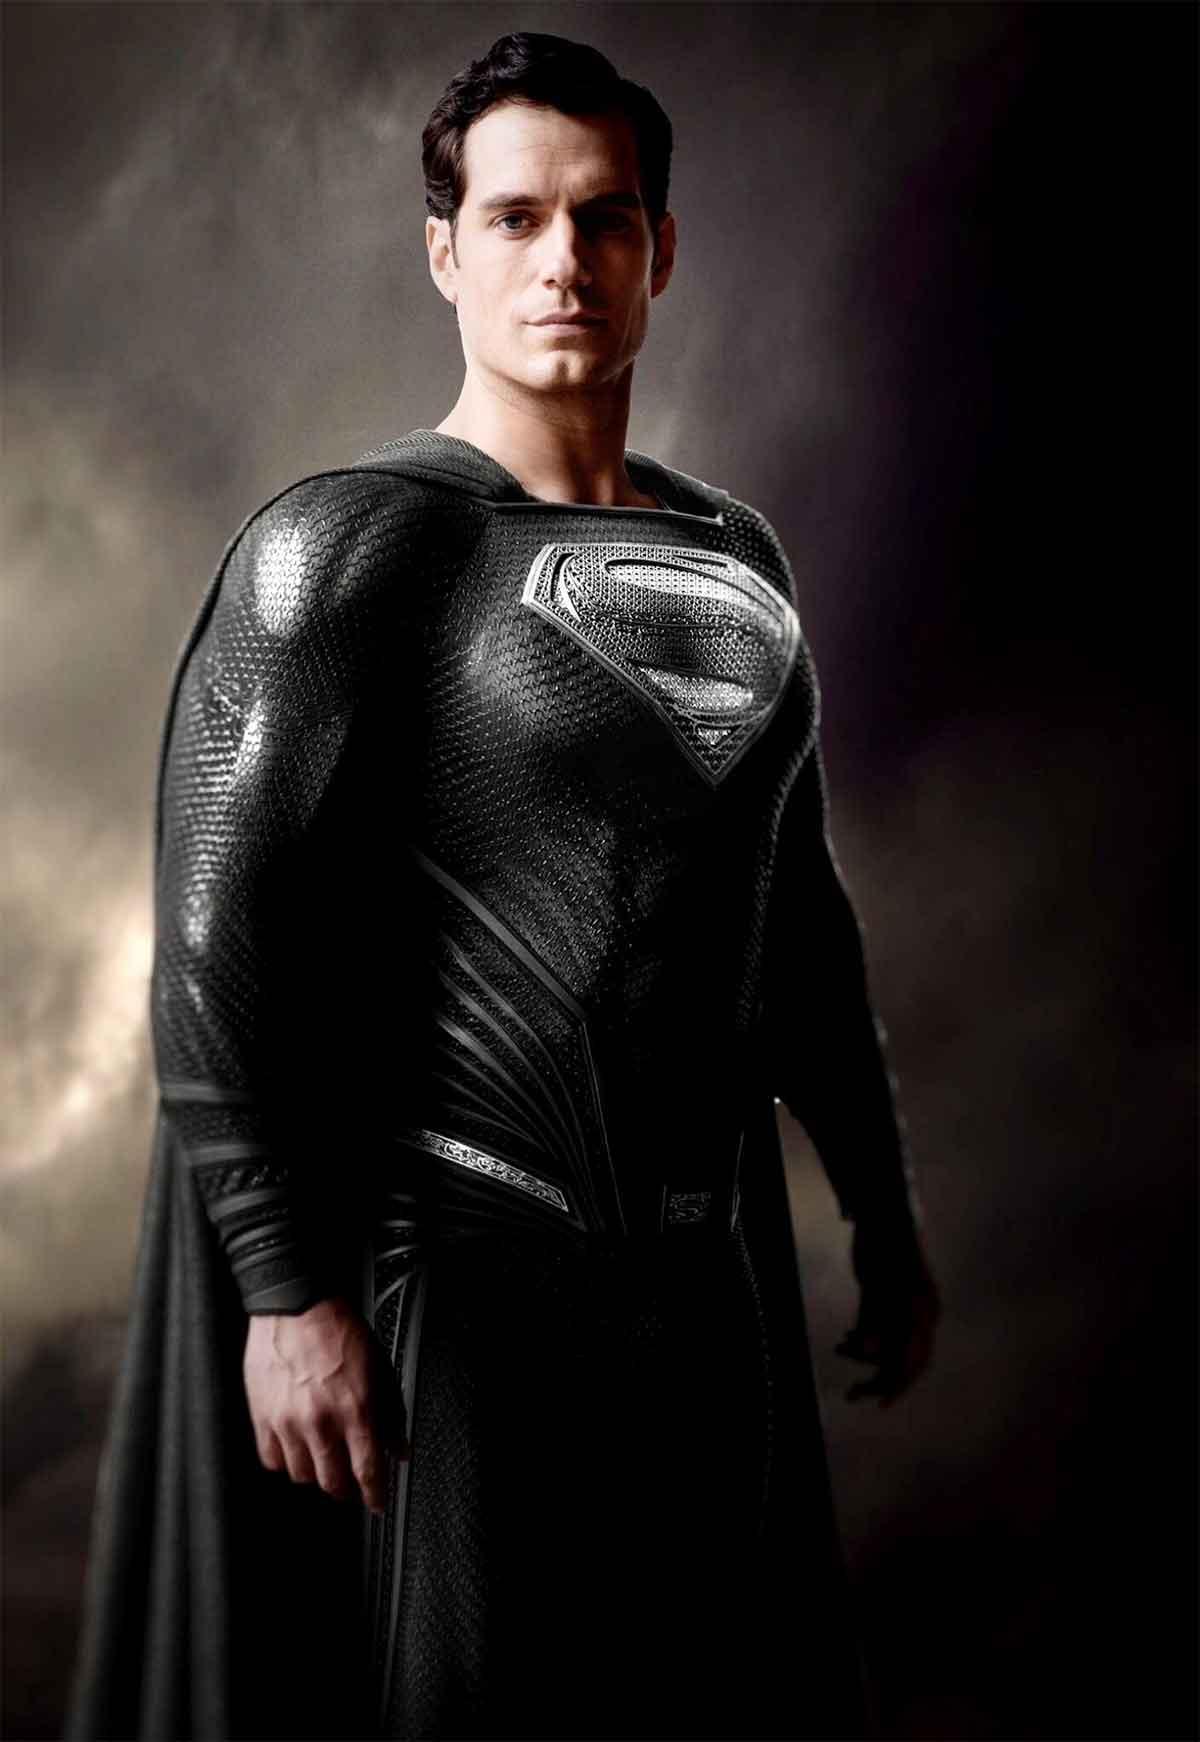 Zack Snyder explica la importancia del traje negro de Superman